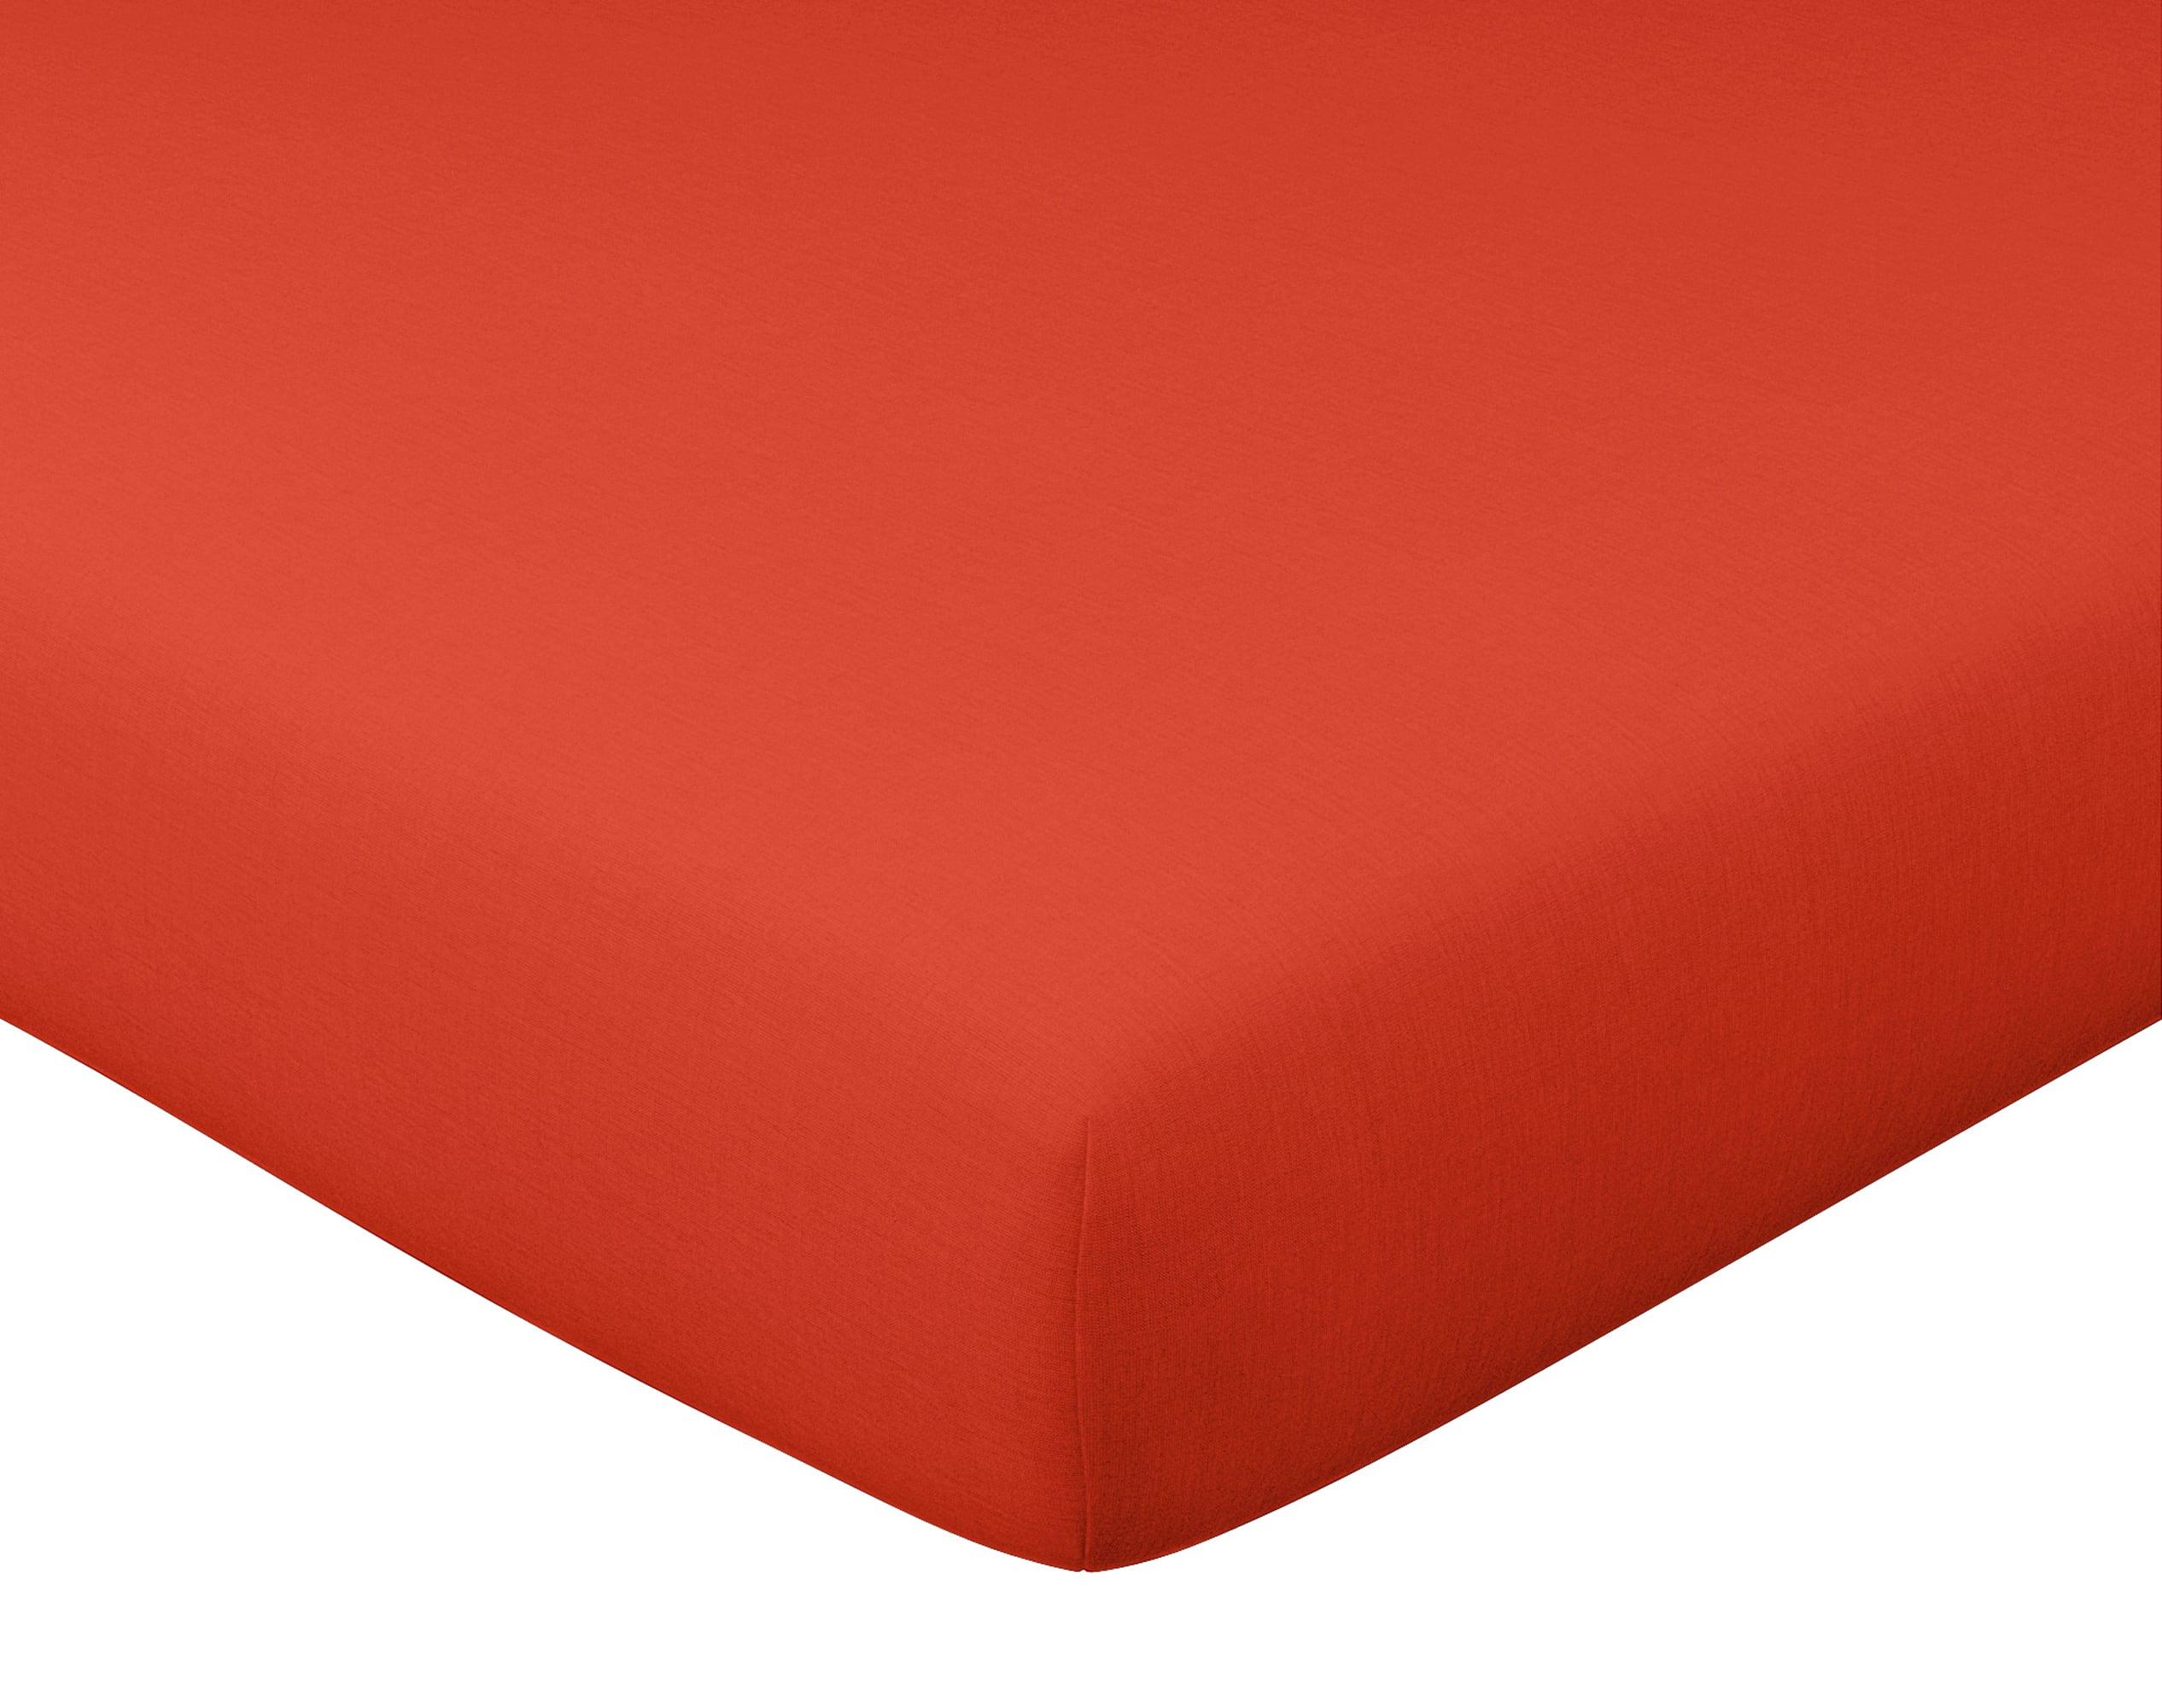 Drap-housse 180x200 en lin lavé rouge brique